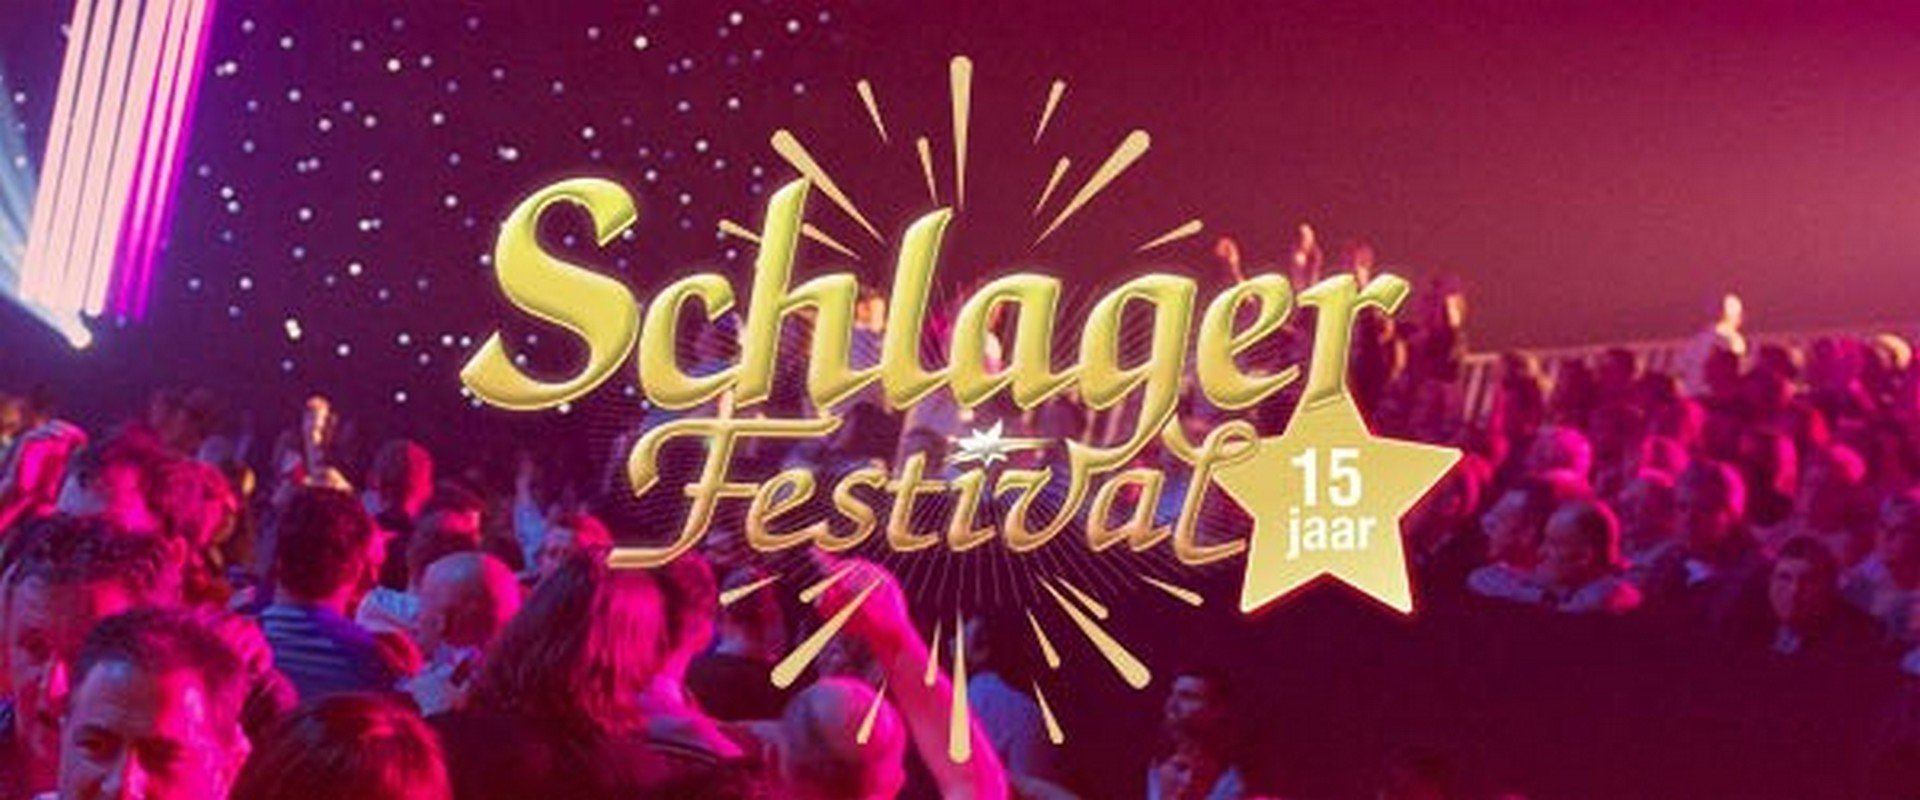 Het Schlagerfestival verrast Christoff met grote verjaardagstaart - Logo Sclagerfestival 15 jaar